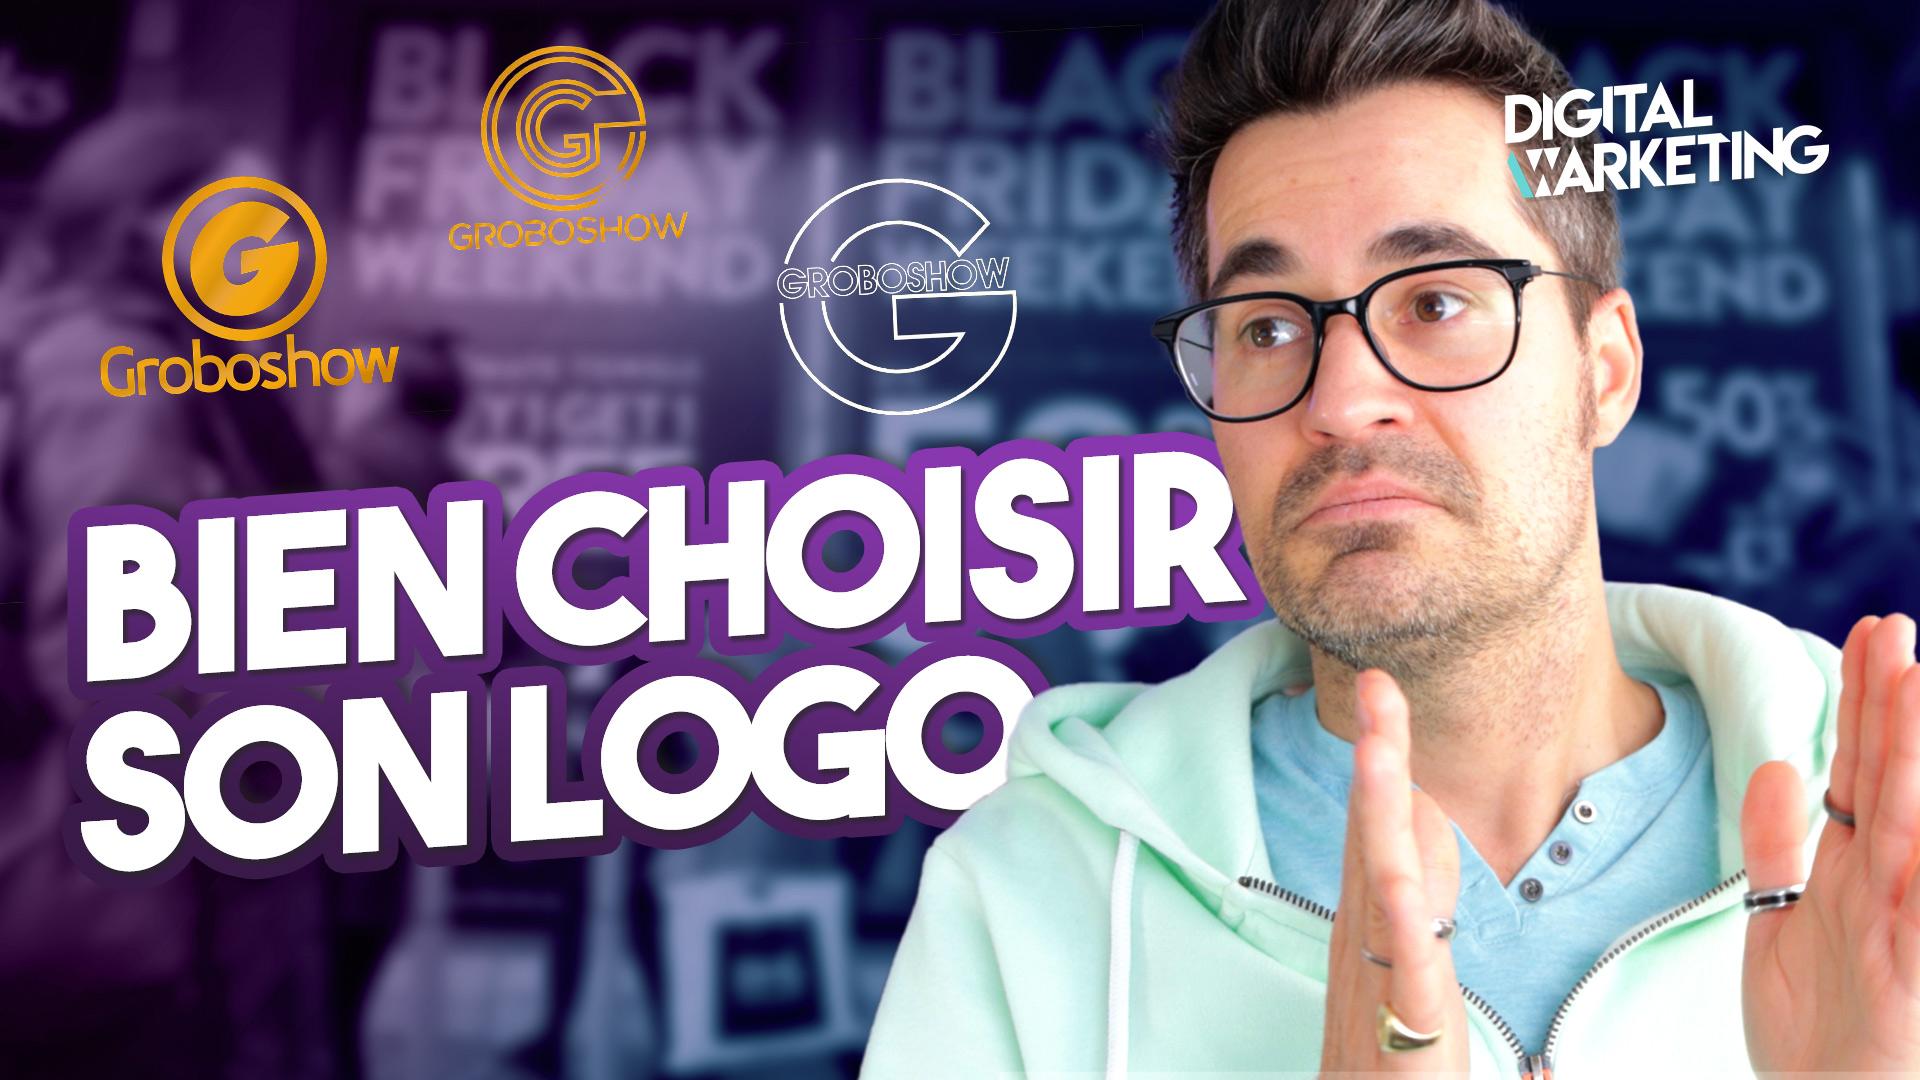 Comment bien choisir un logo, les règles de bases de l'identité visuelle de marque